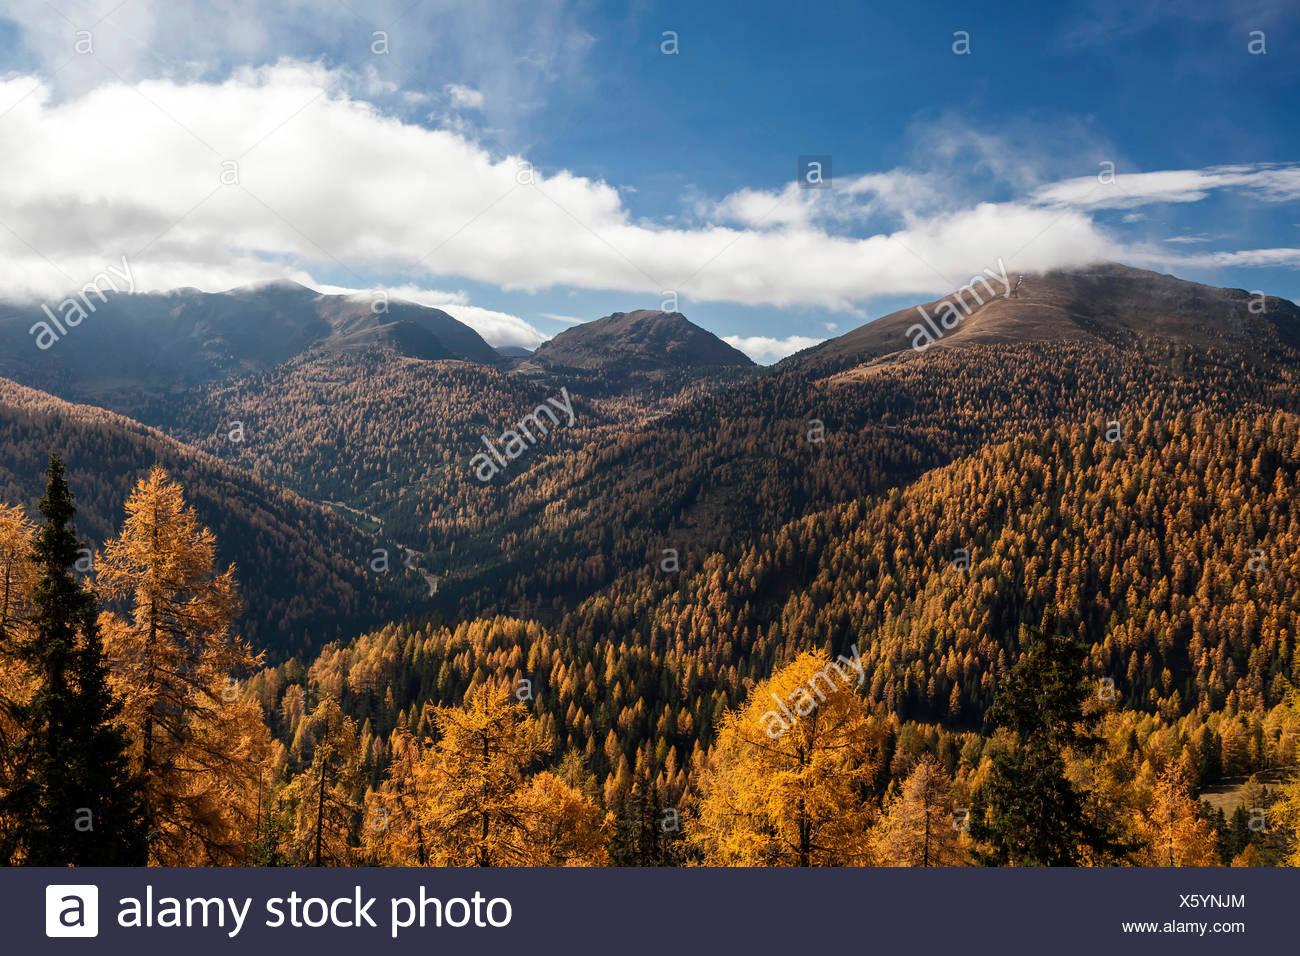 Herbst im Nationalpark Nockberge, Kärnten, Österreich Stock Photo